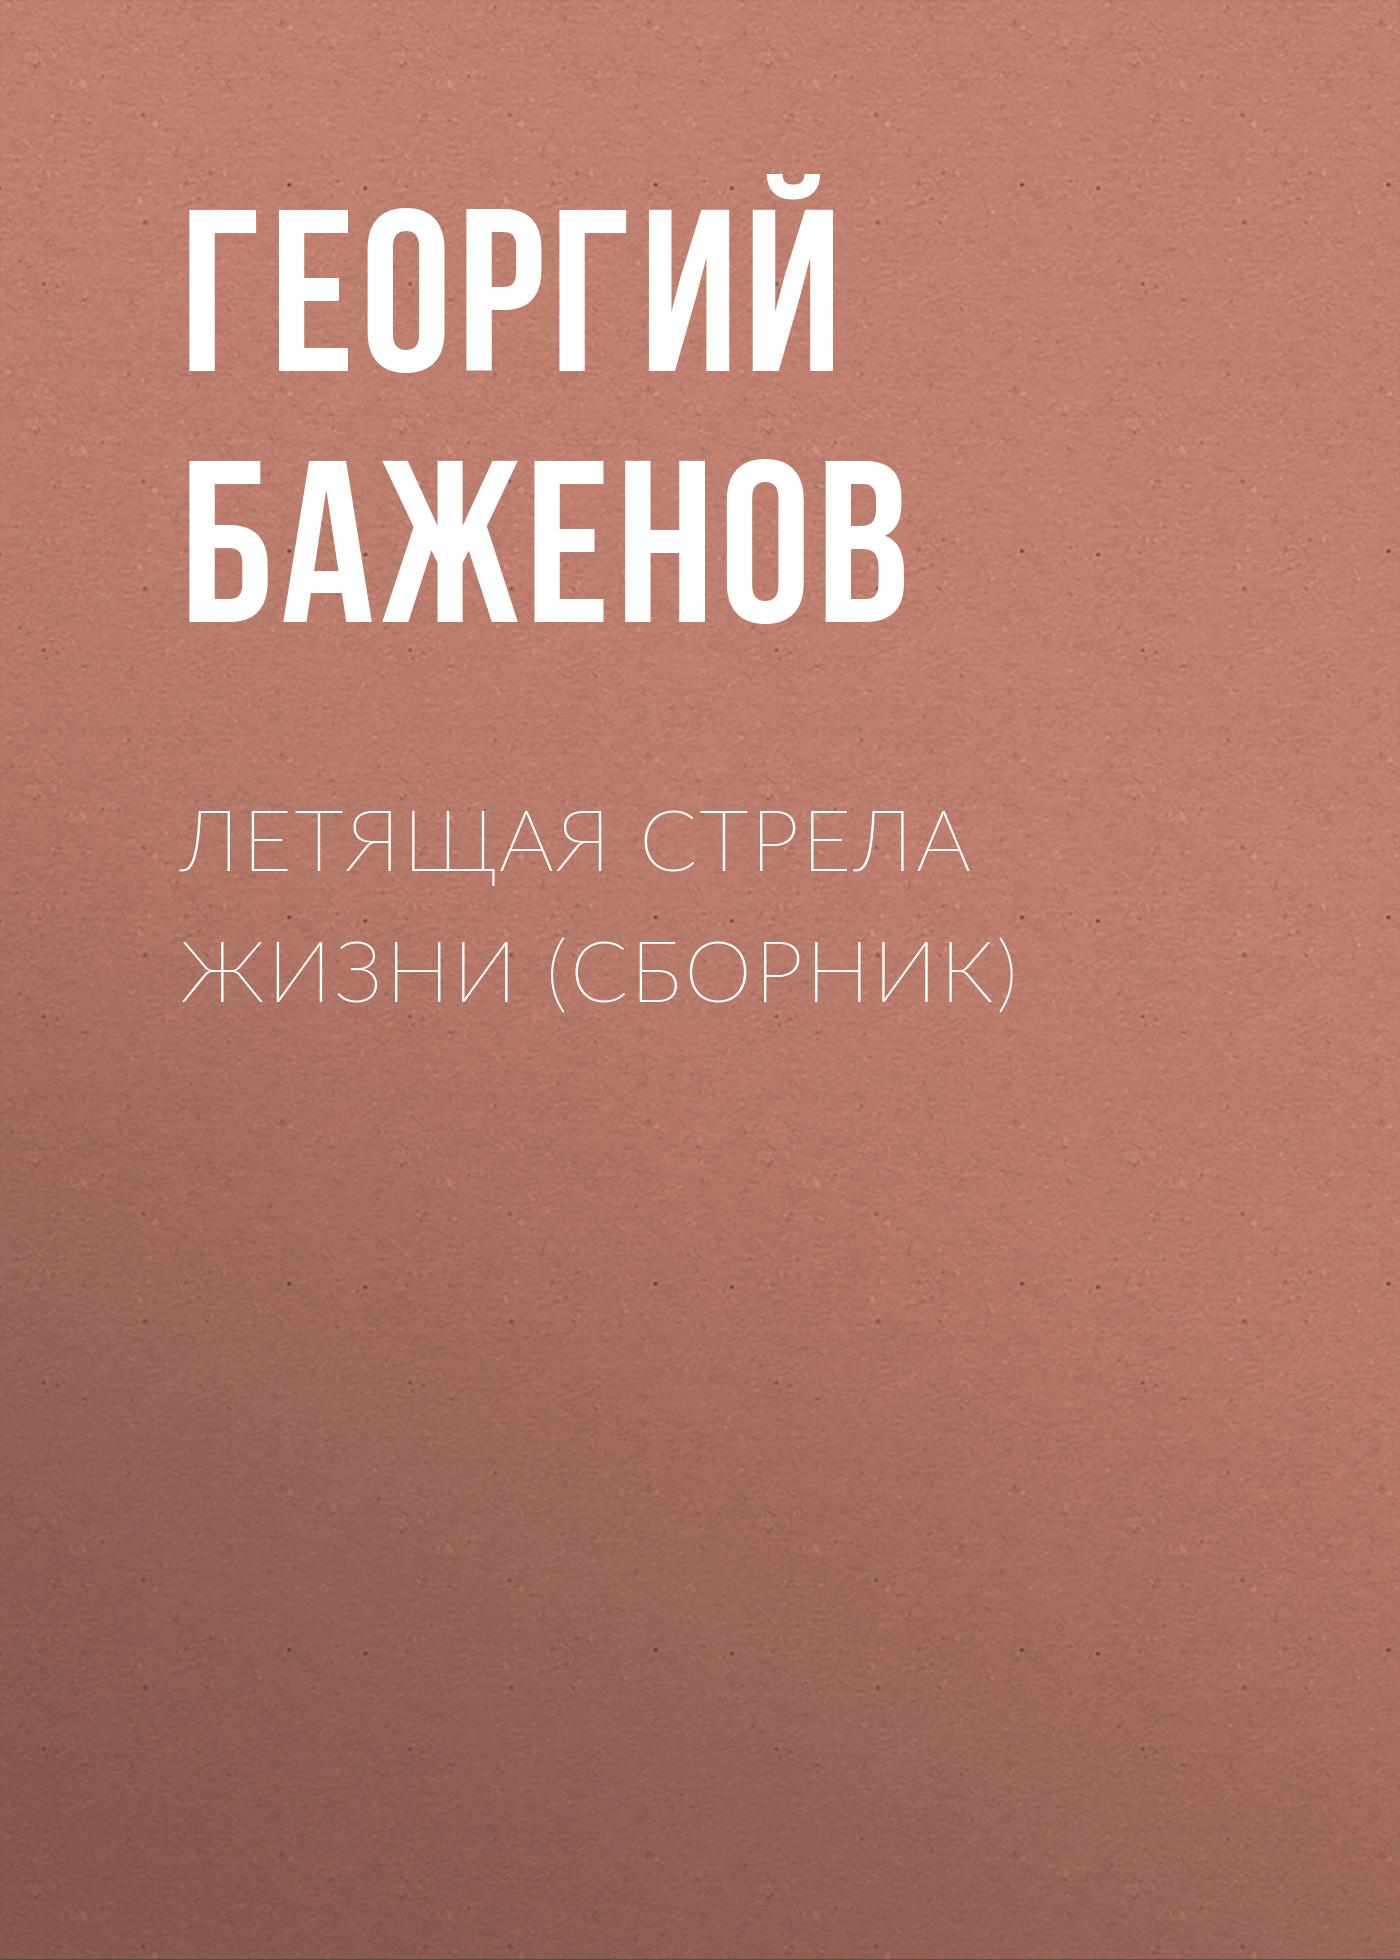 Георгий Баженов Летящая стрела жизни (сборник)